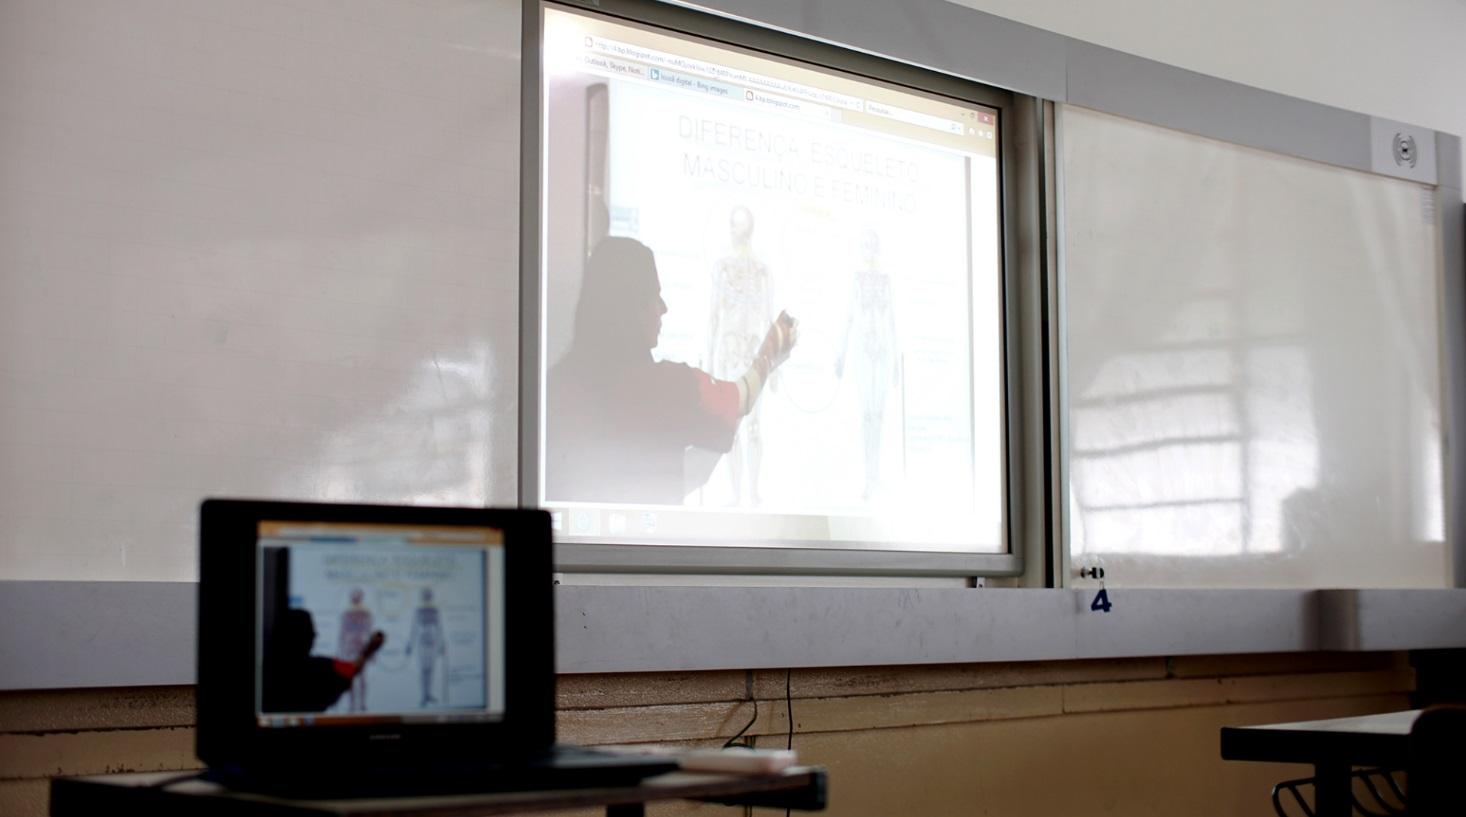 As lousas são panorâmicas e touch screem para melhor manuseio pelos professores durante as aulas